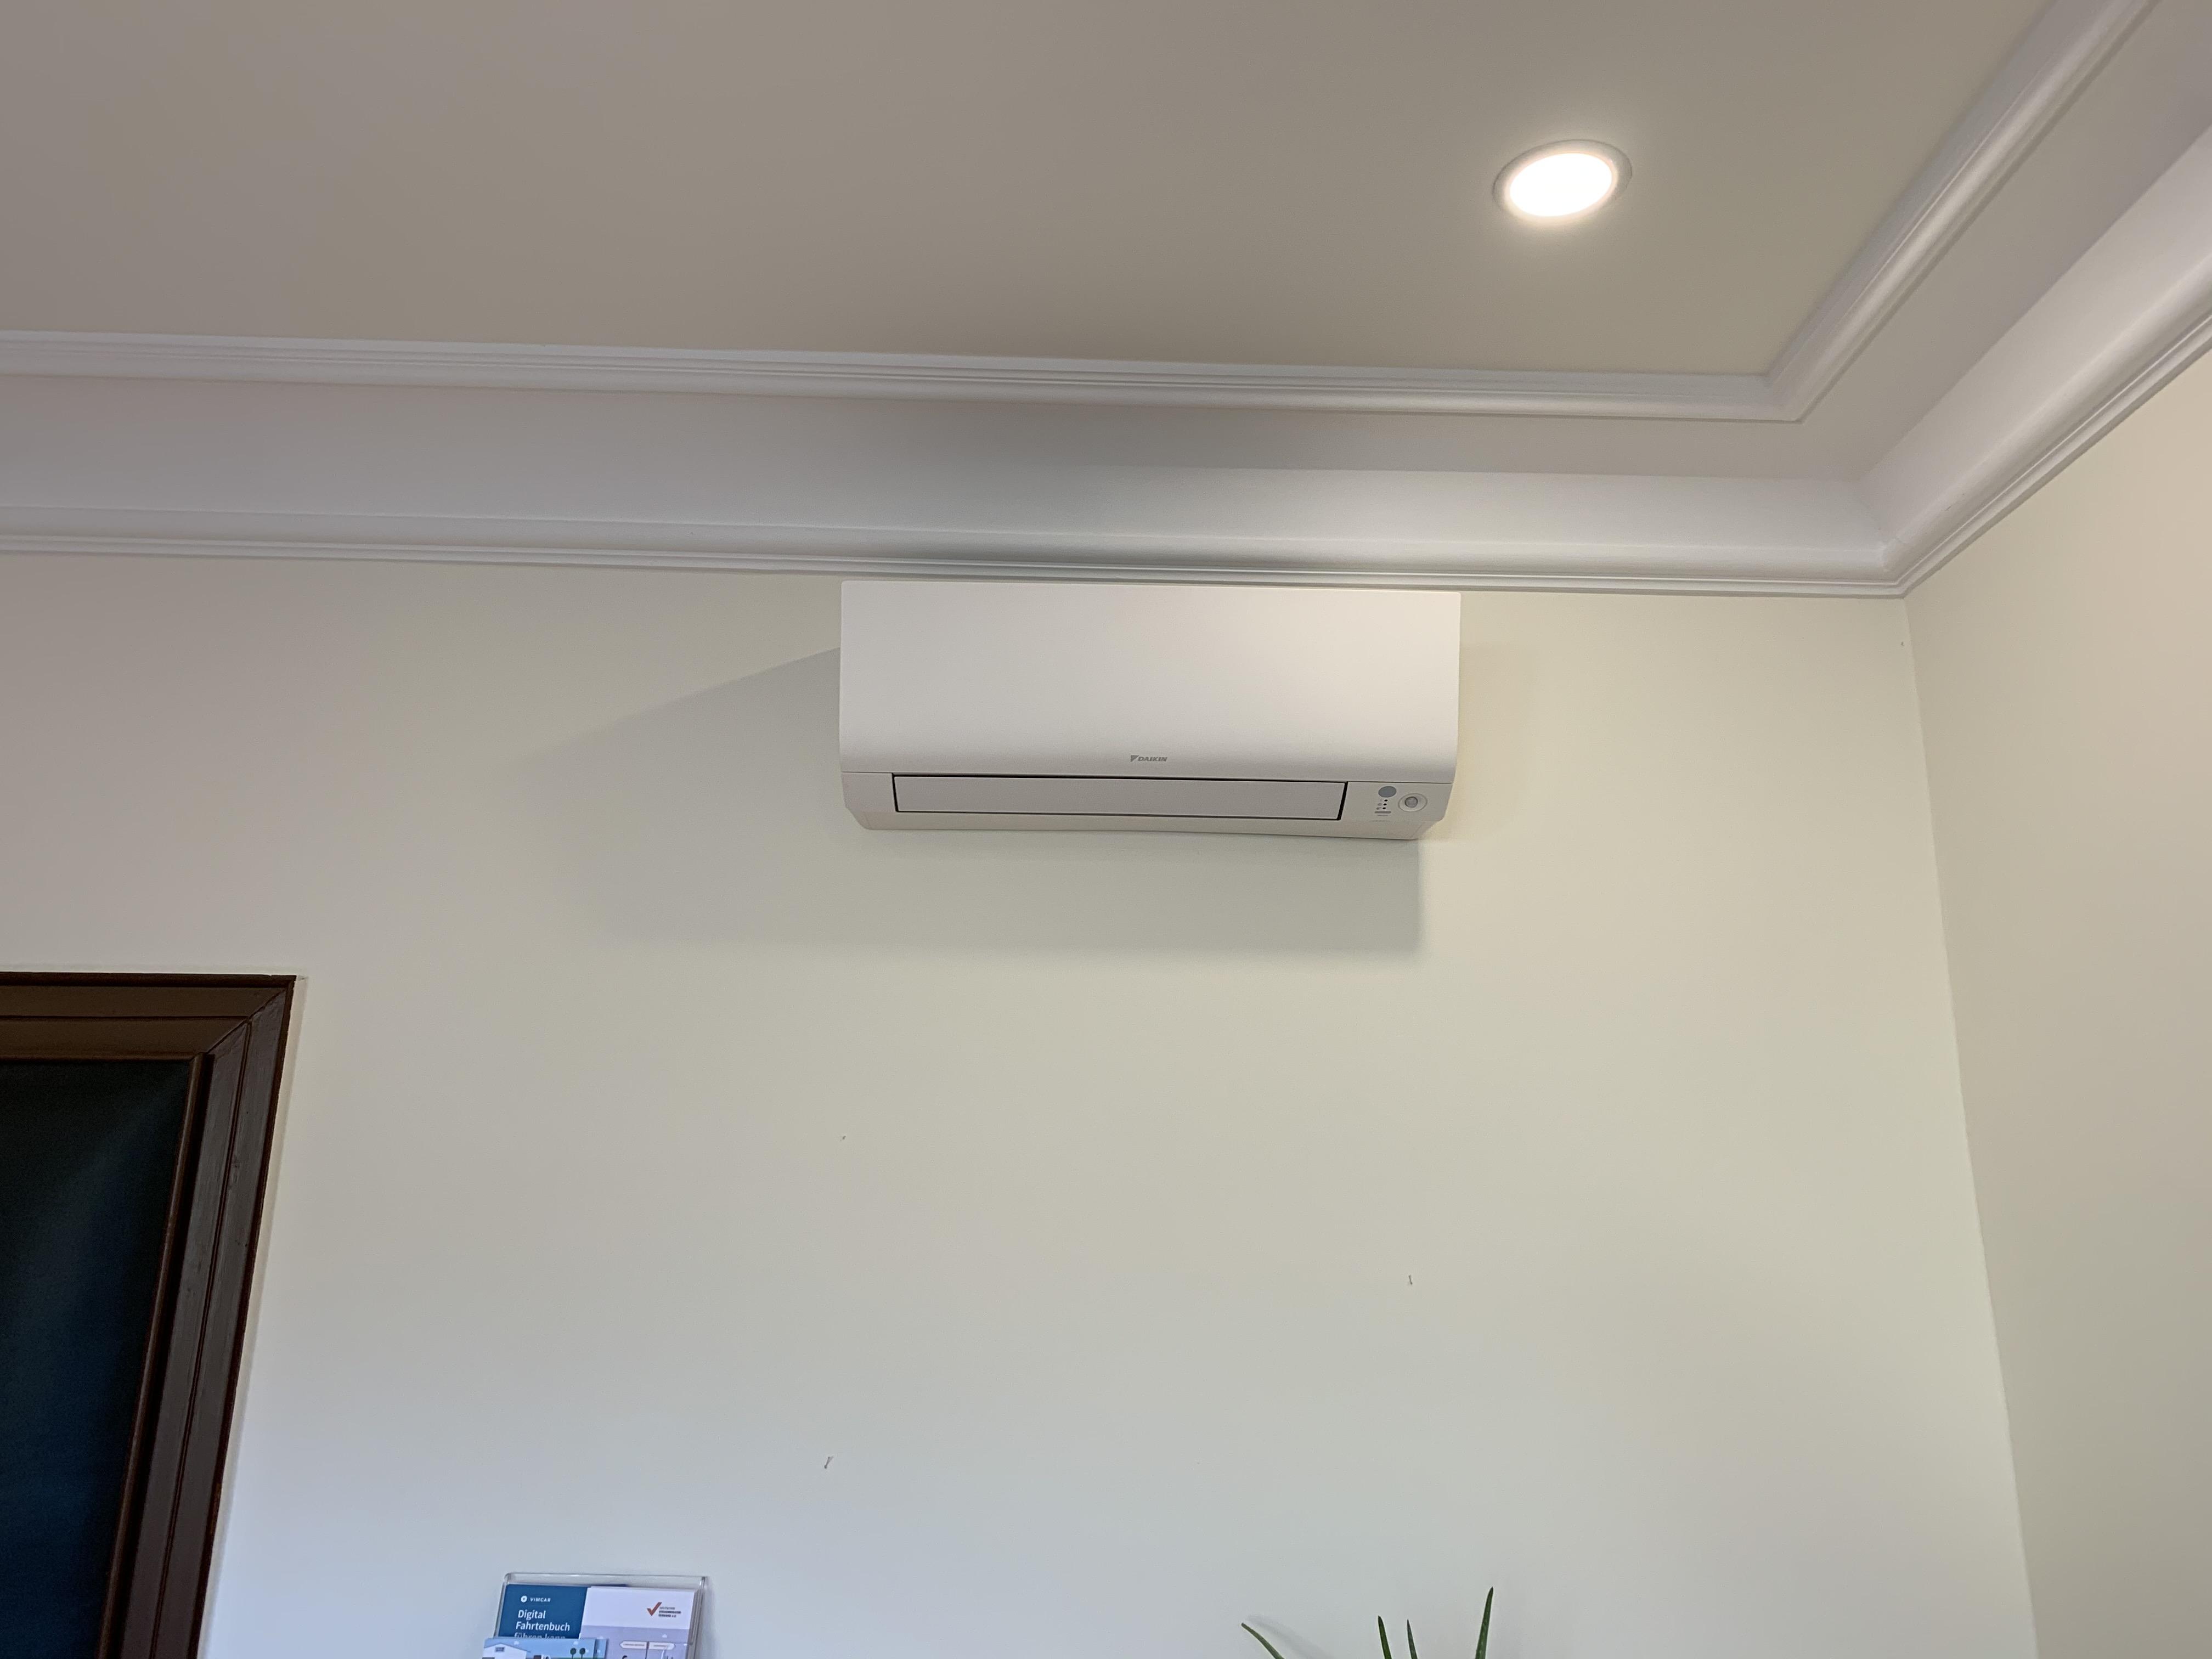 FTXM im Wohnzimmer